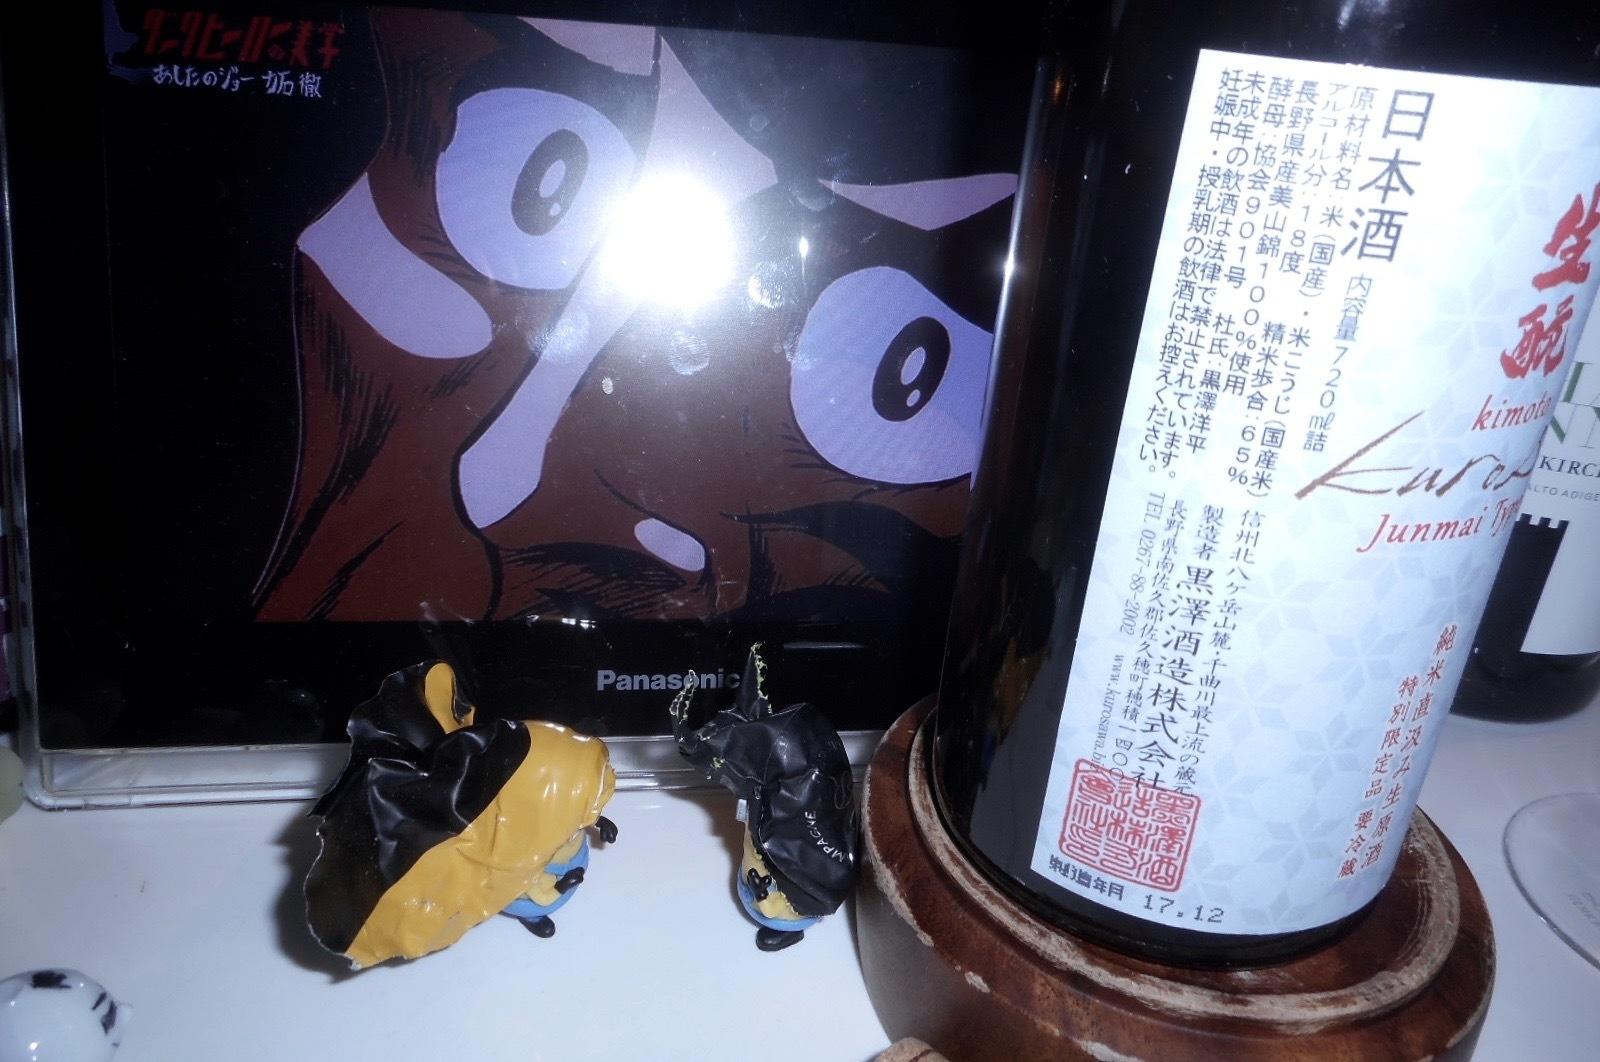 kurosawa_type9_29by4_2.jpg